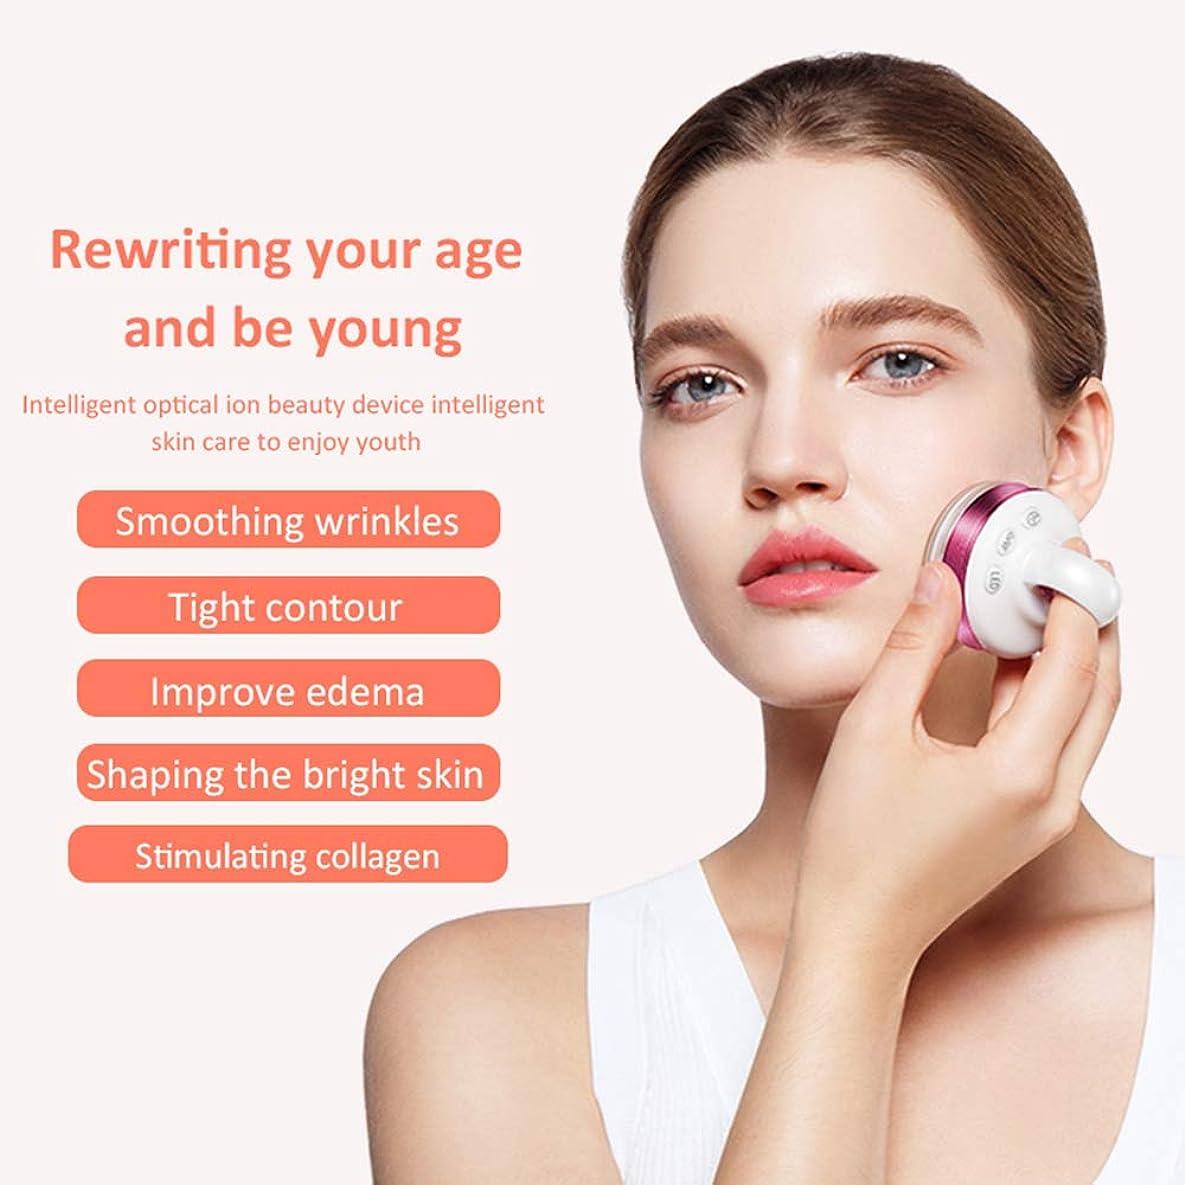 スティックロッカー良心顔と体のプロフェッショナルのためのRfマシン、EMSマッサージャー、ハンドヘルドフェイシャルイオン導入機器、家庭用美容機器振動機器,紫色